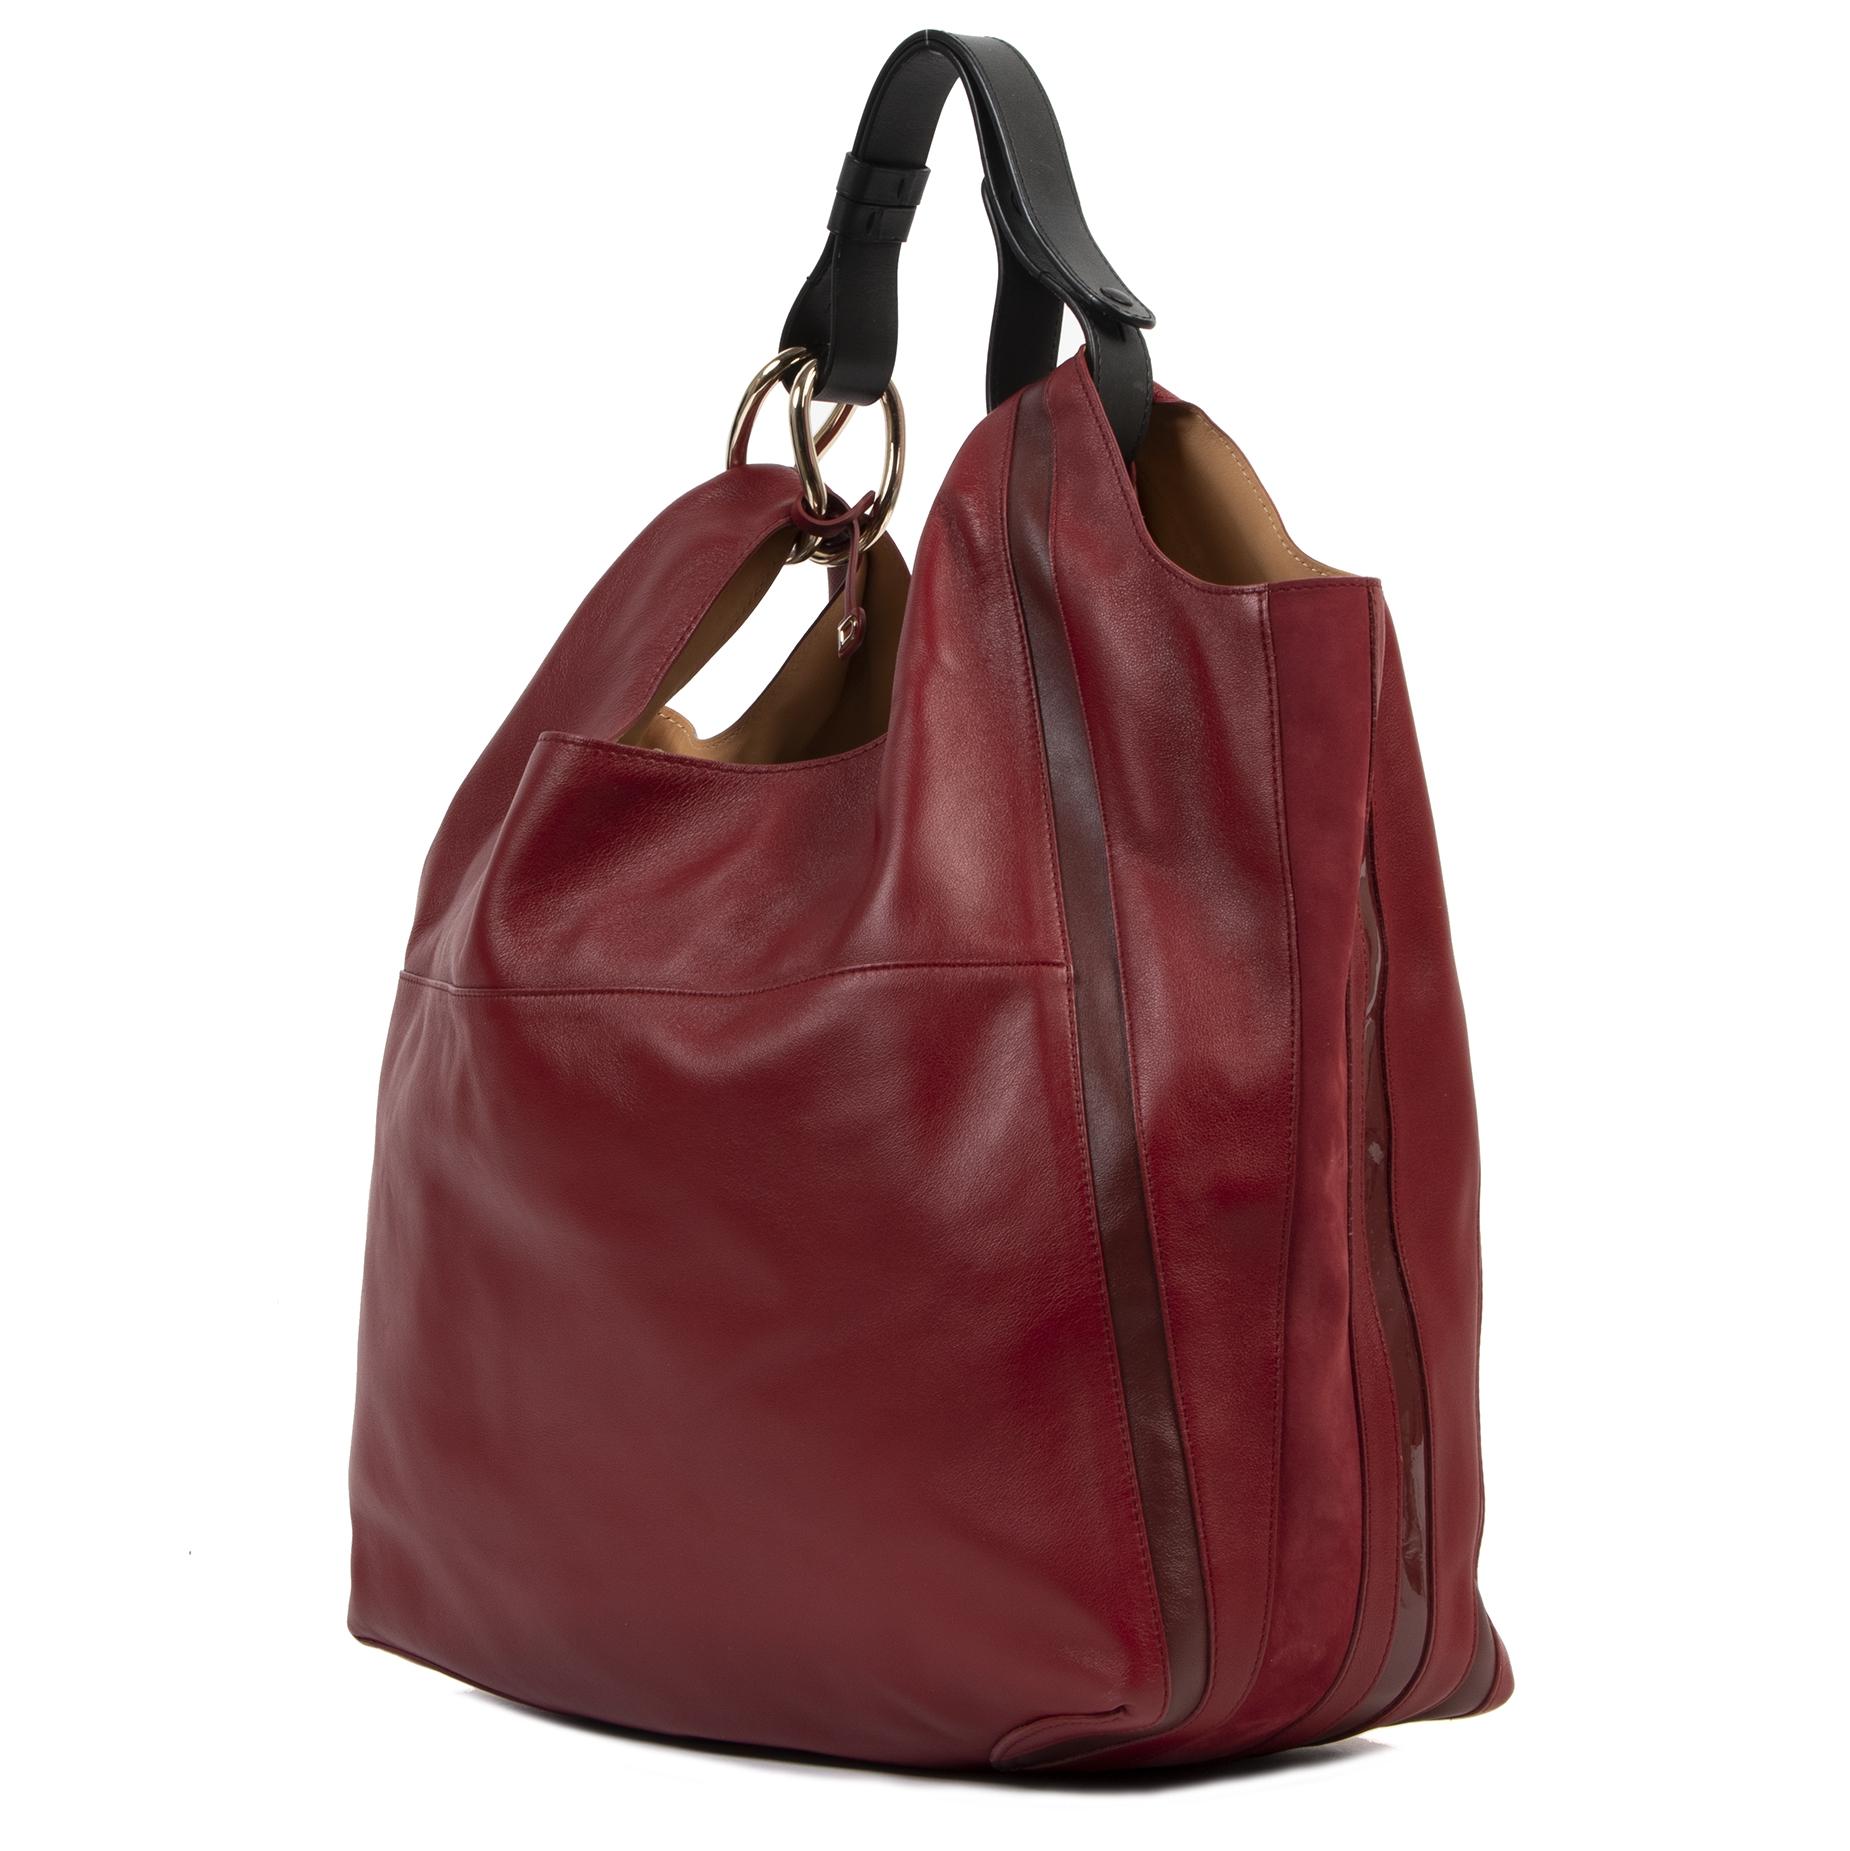 Authentieke Tweedehands Delvaux Rouge de Pourpre Givry With Me Shoulder Bag juiste prijs veilig online shoppen luxe merken webshop winkelen Antwerpen België mode fashion